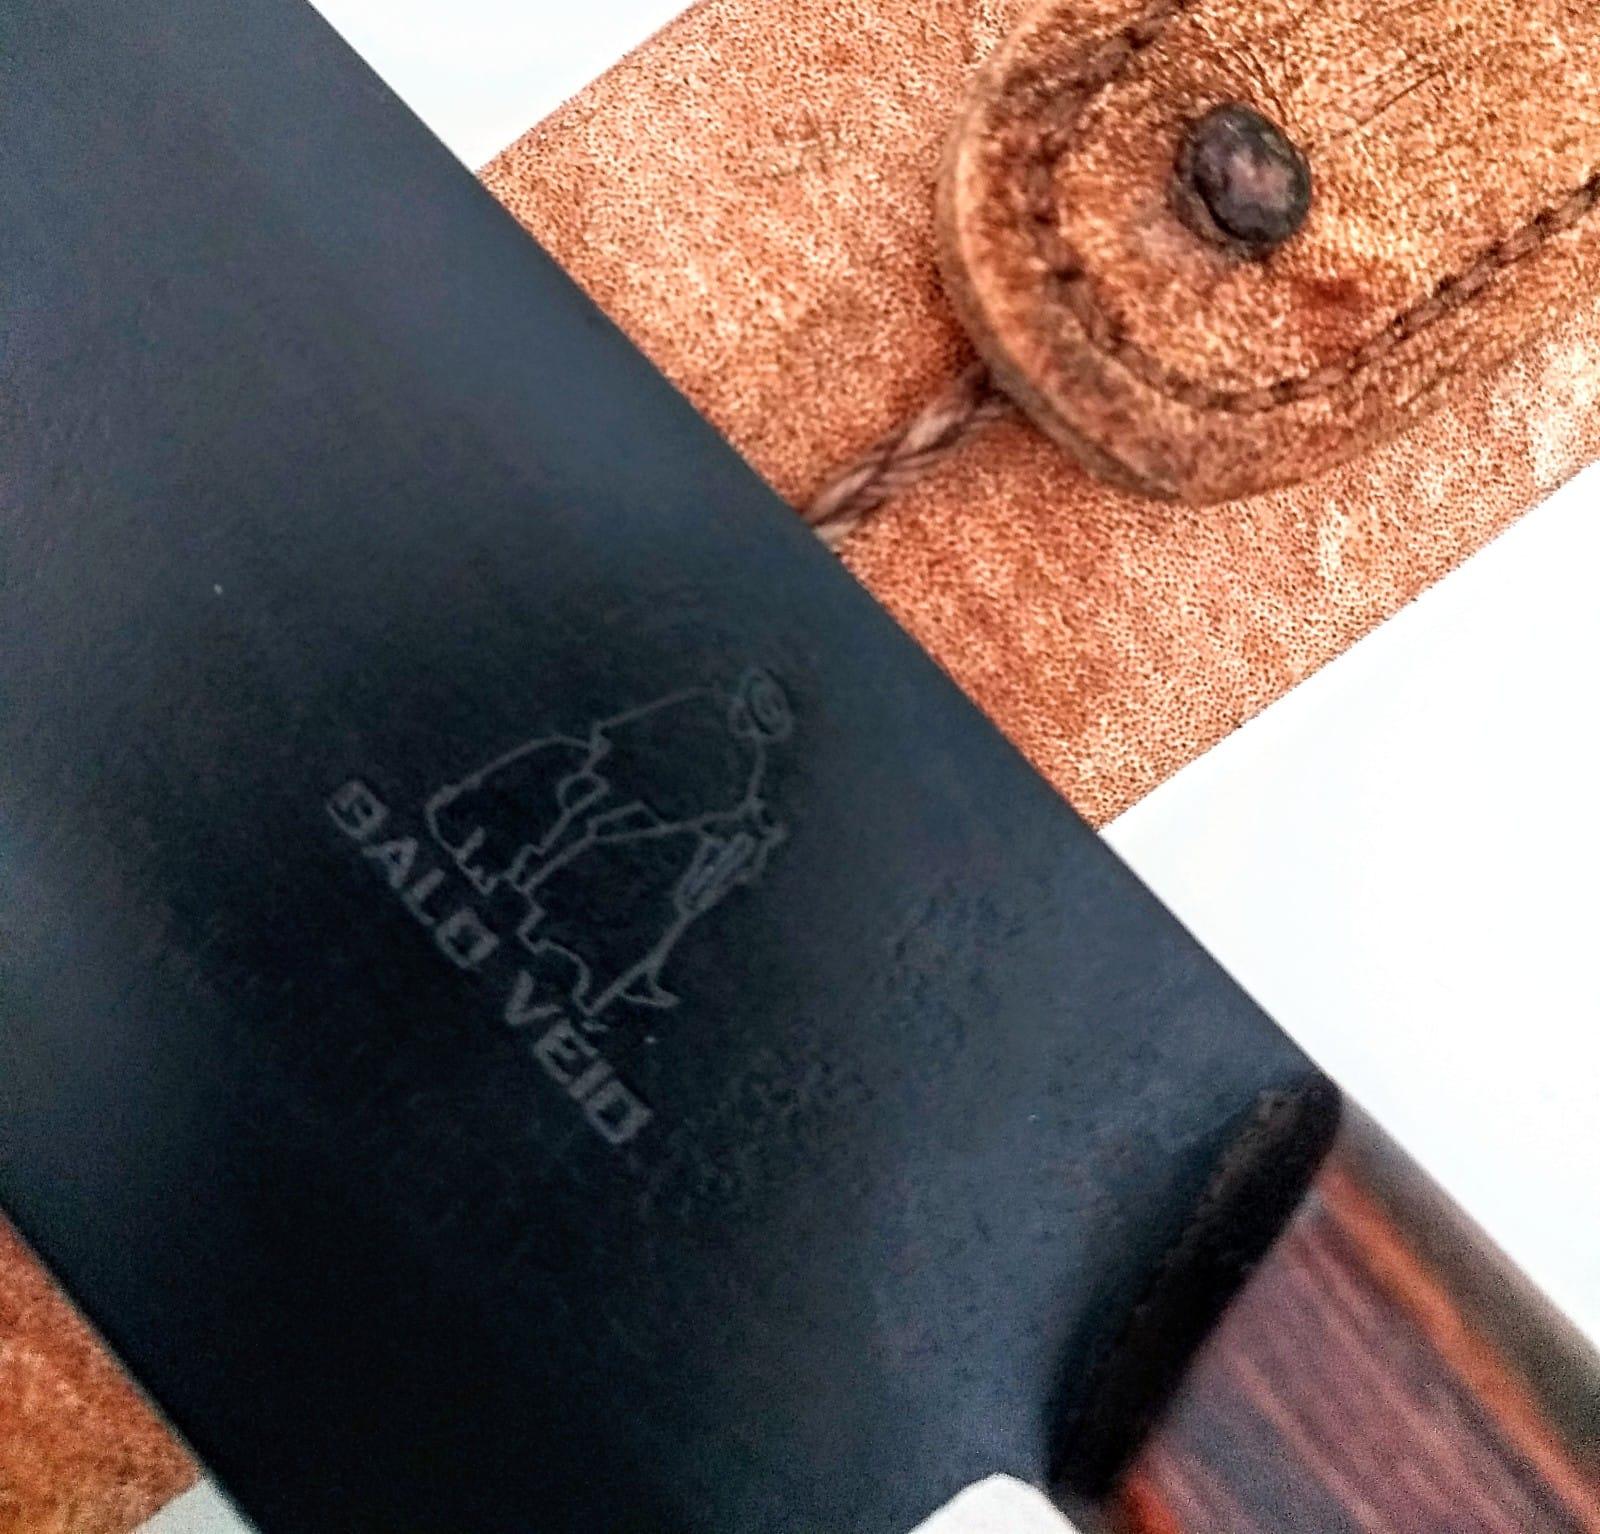 Faca artesanal galo veio aço carbono 12 polegadas